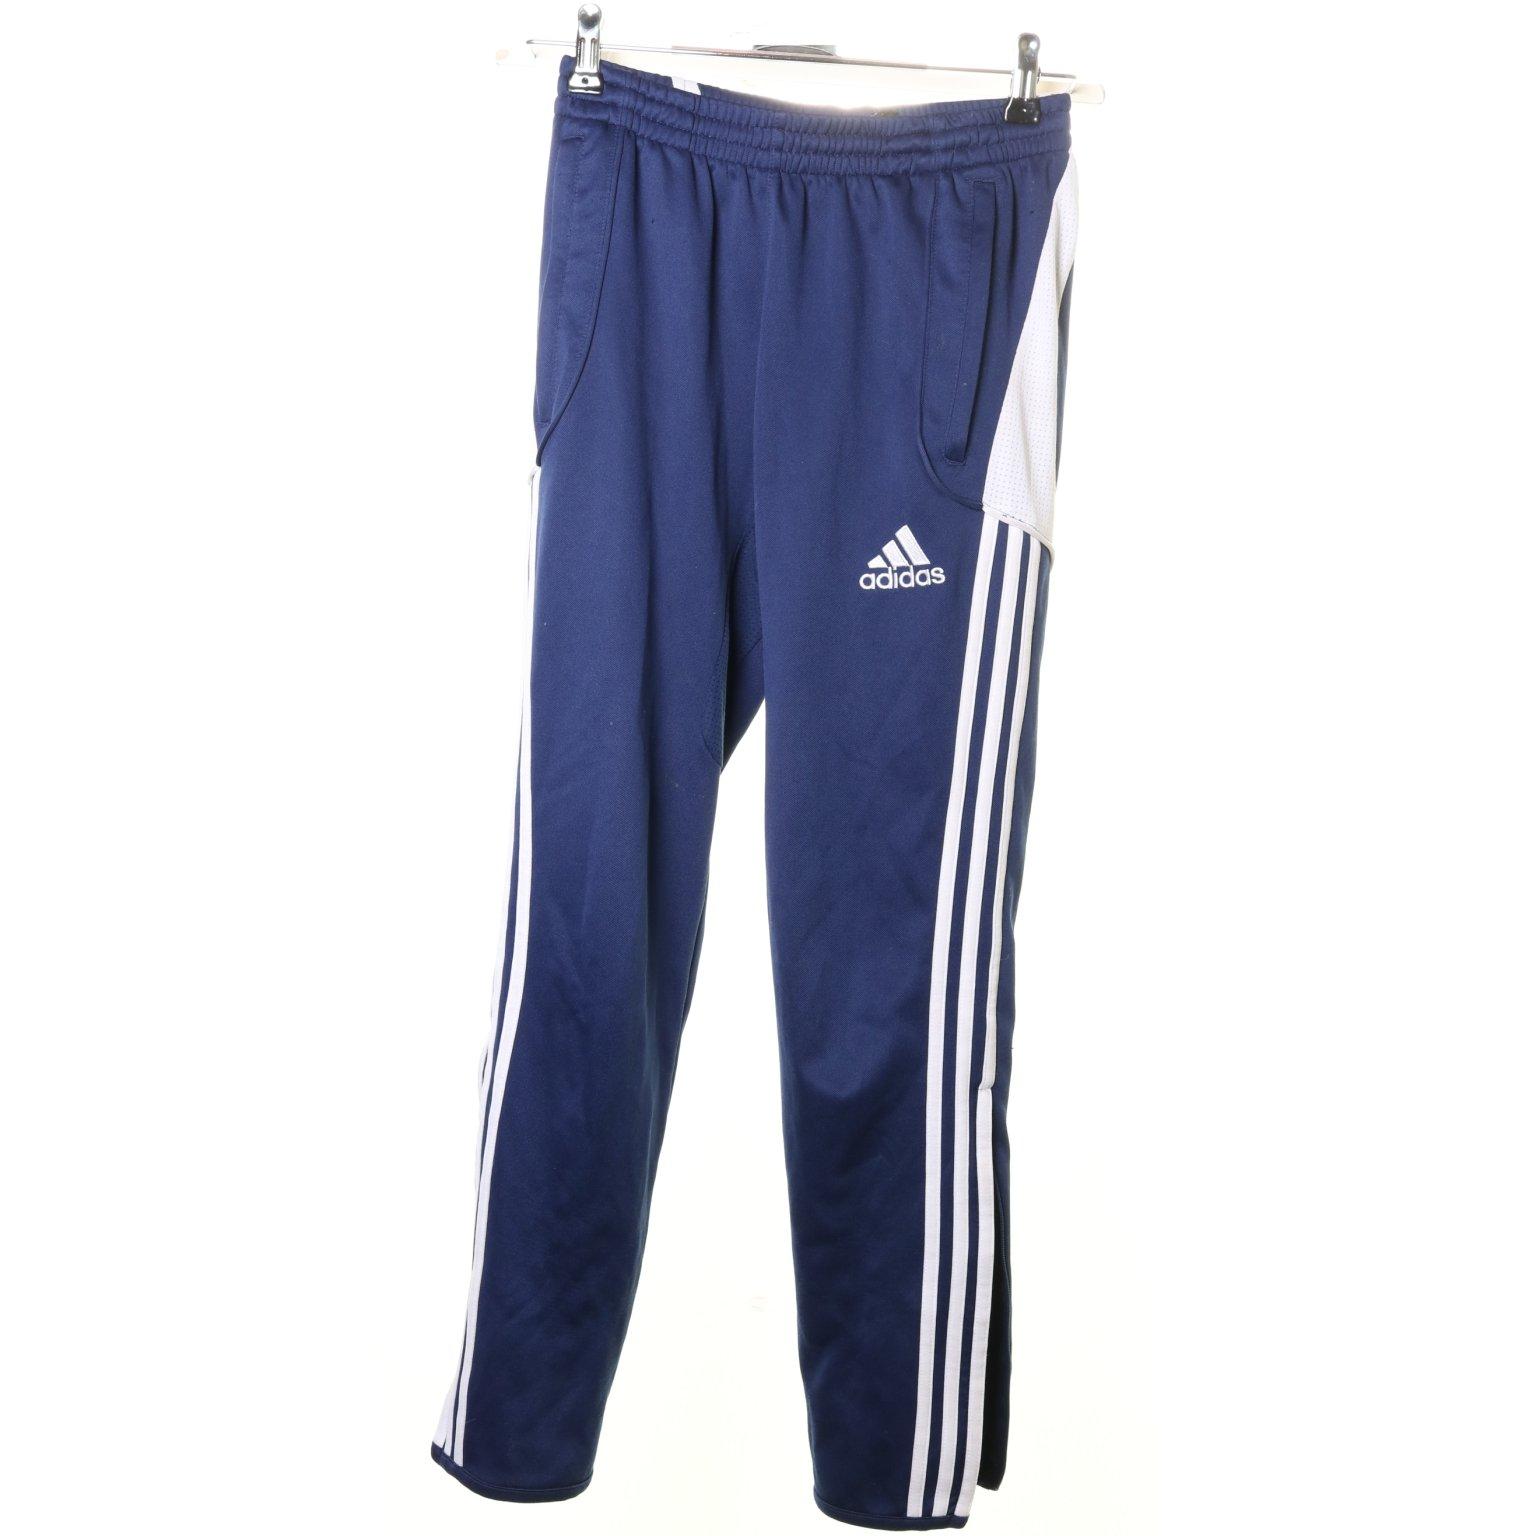 Adidas, Träningsbyxor, Strl: 164, BlåVit, Polyester